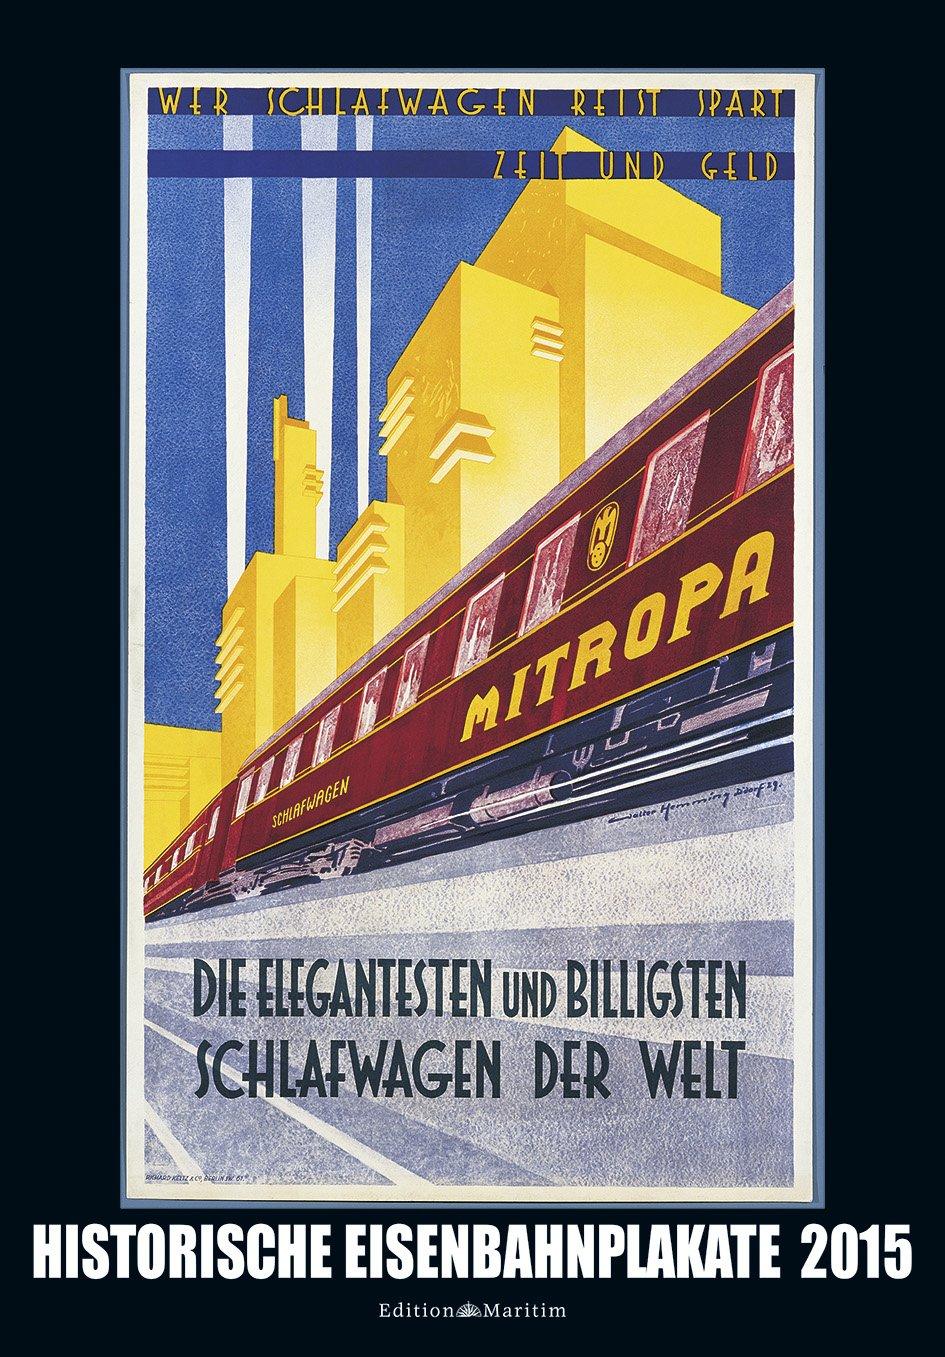 Historische Eisenbahnplakate 2015